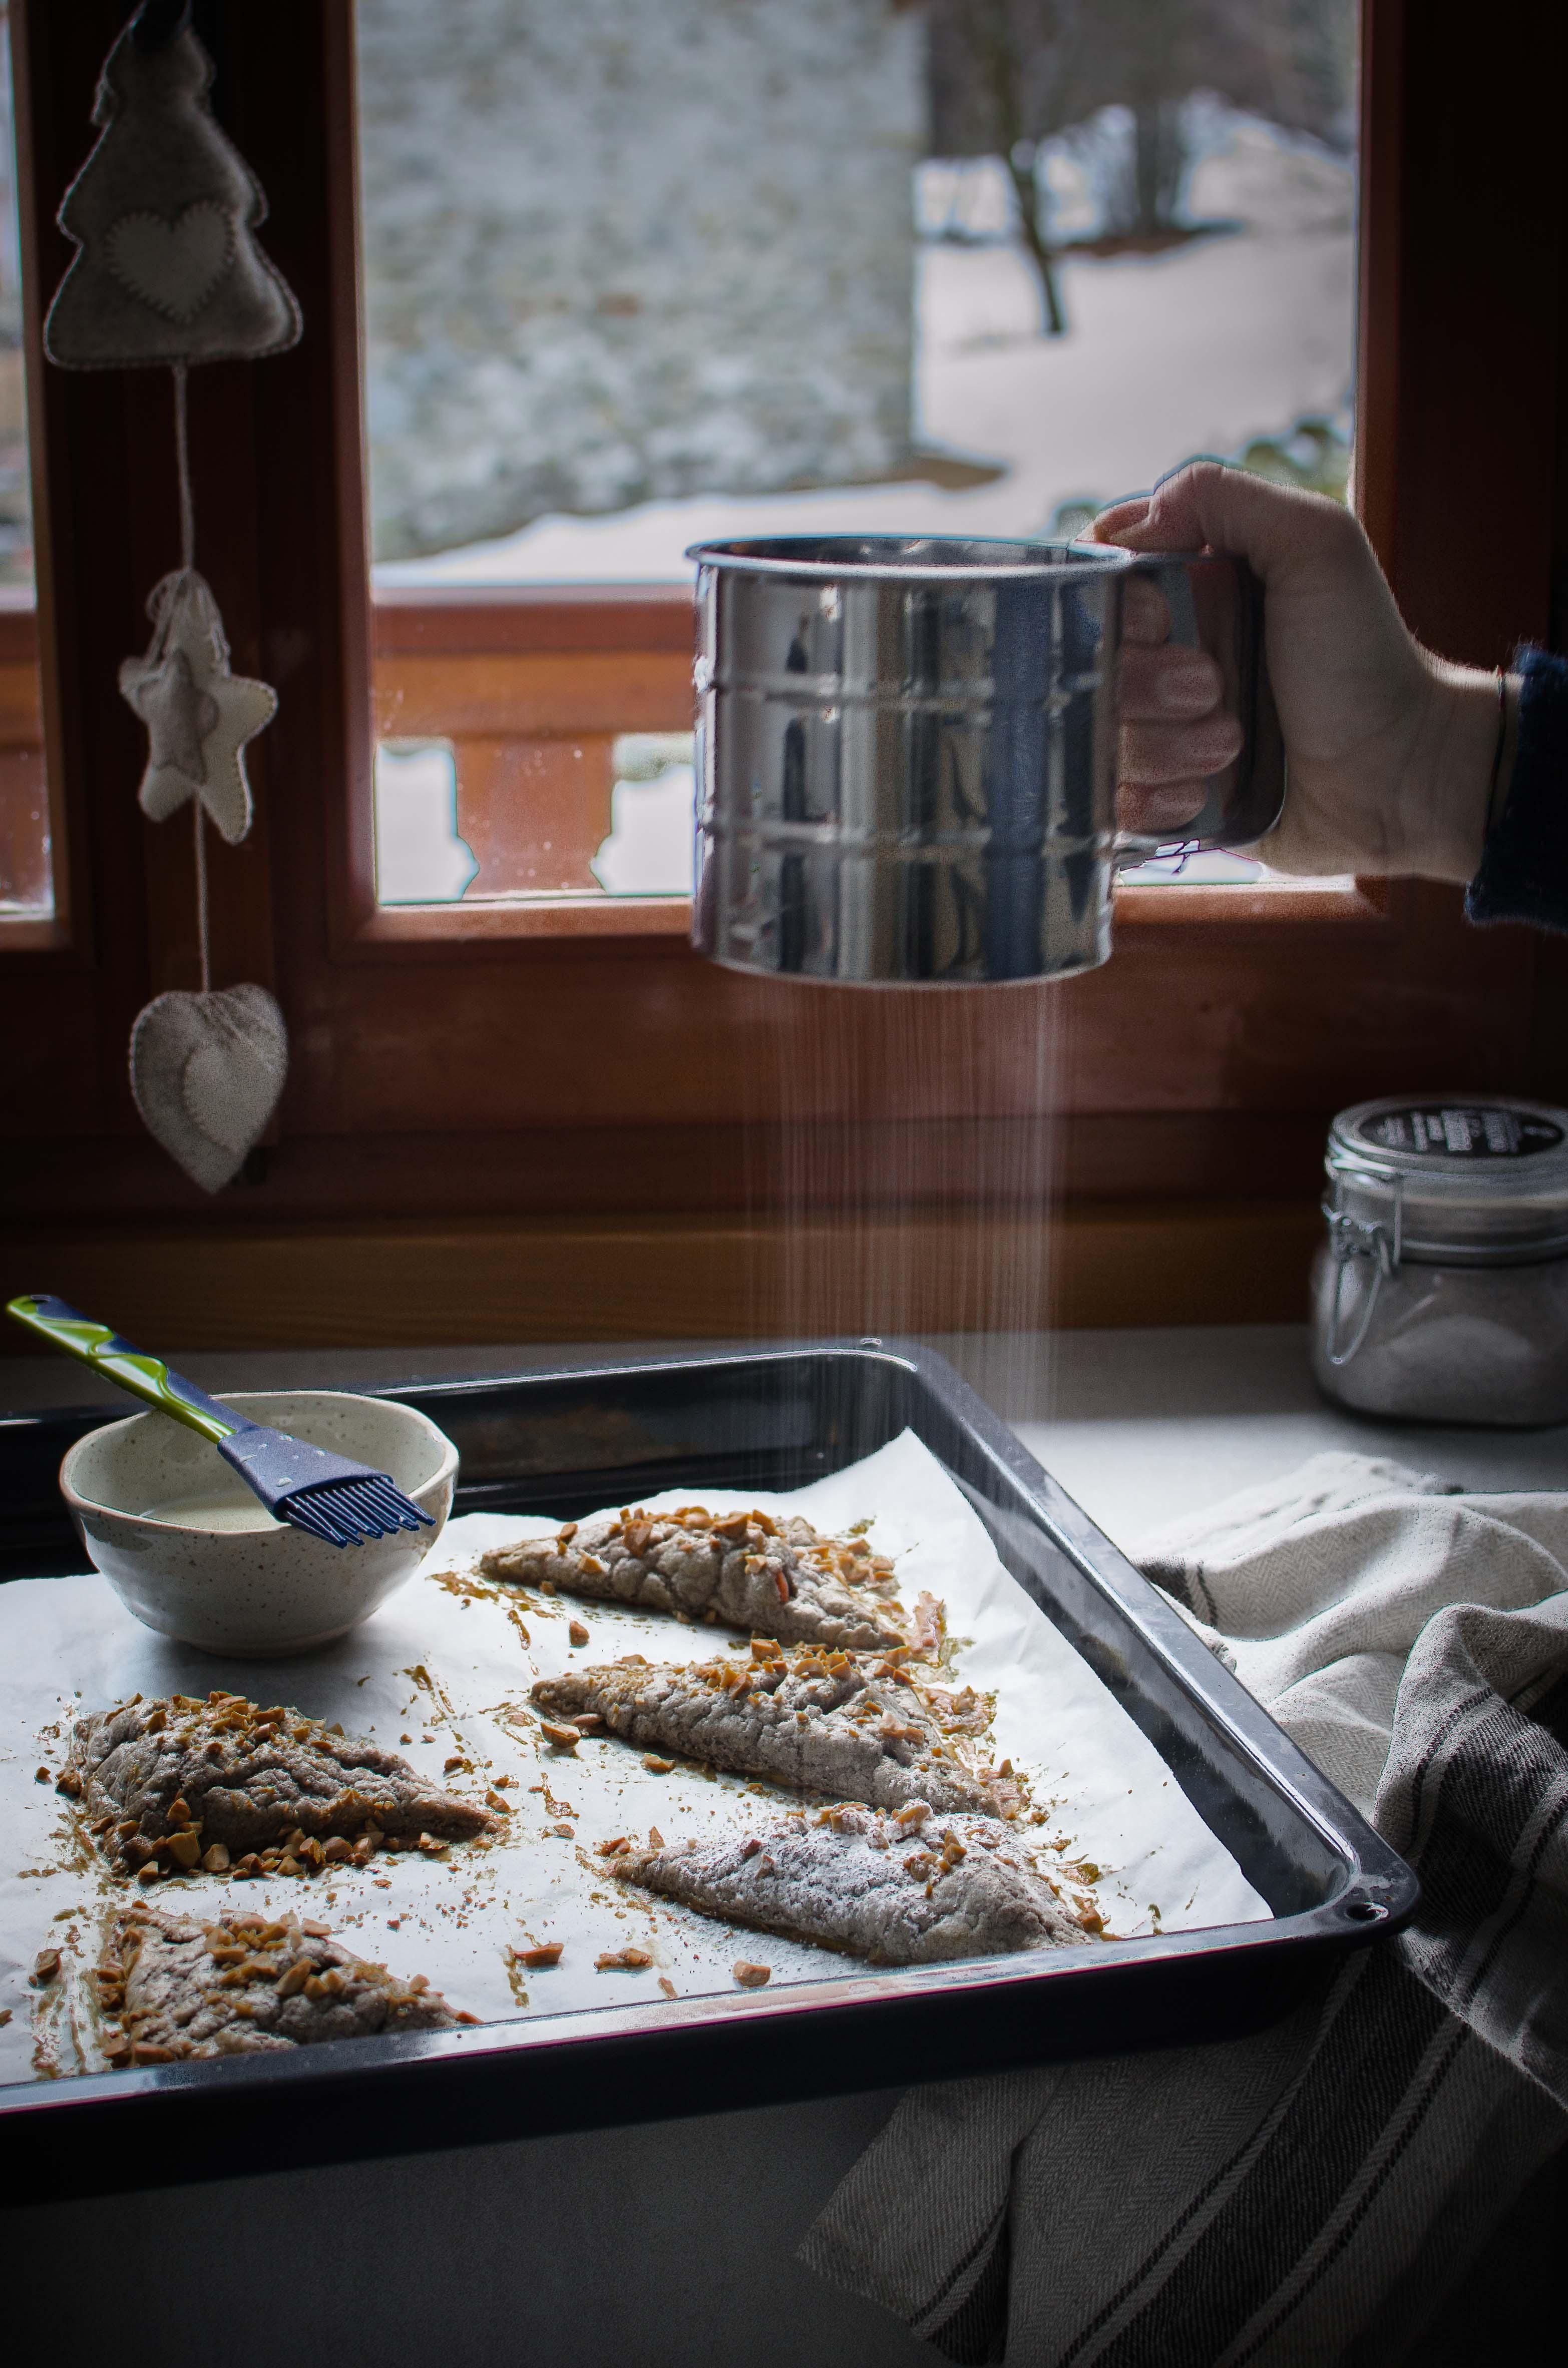 turnovers-mele Turnovers mele, arachidi, cannella e ricotta di capra